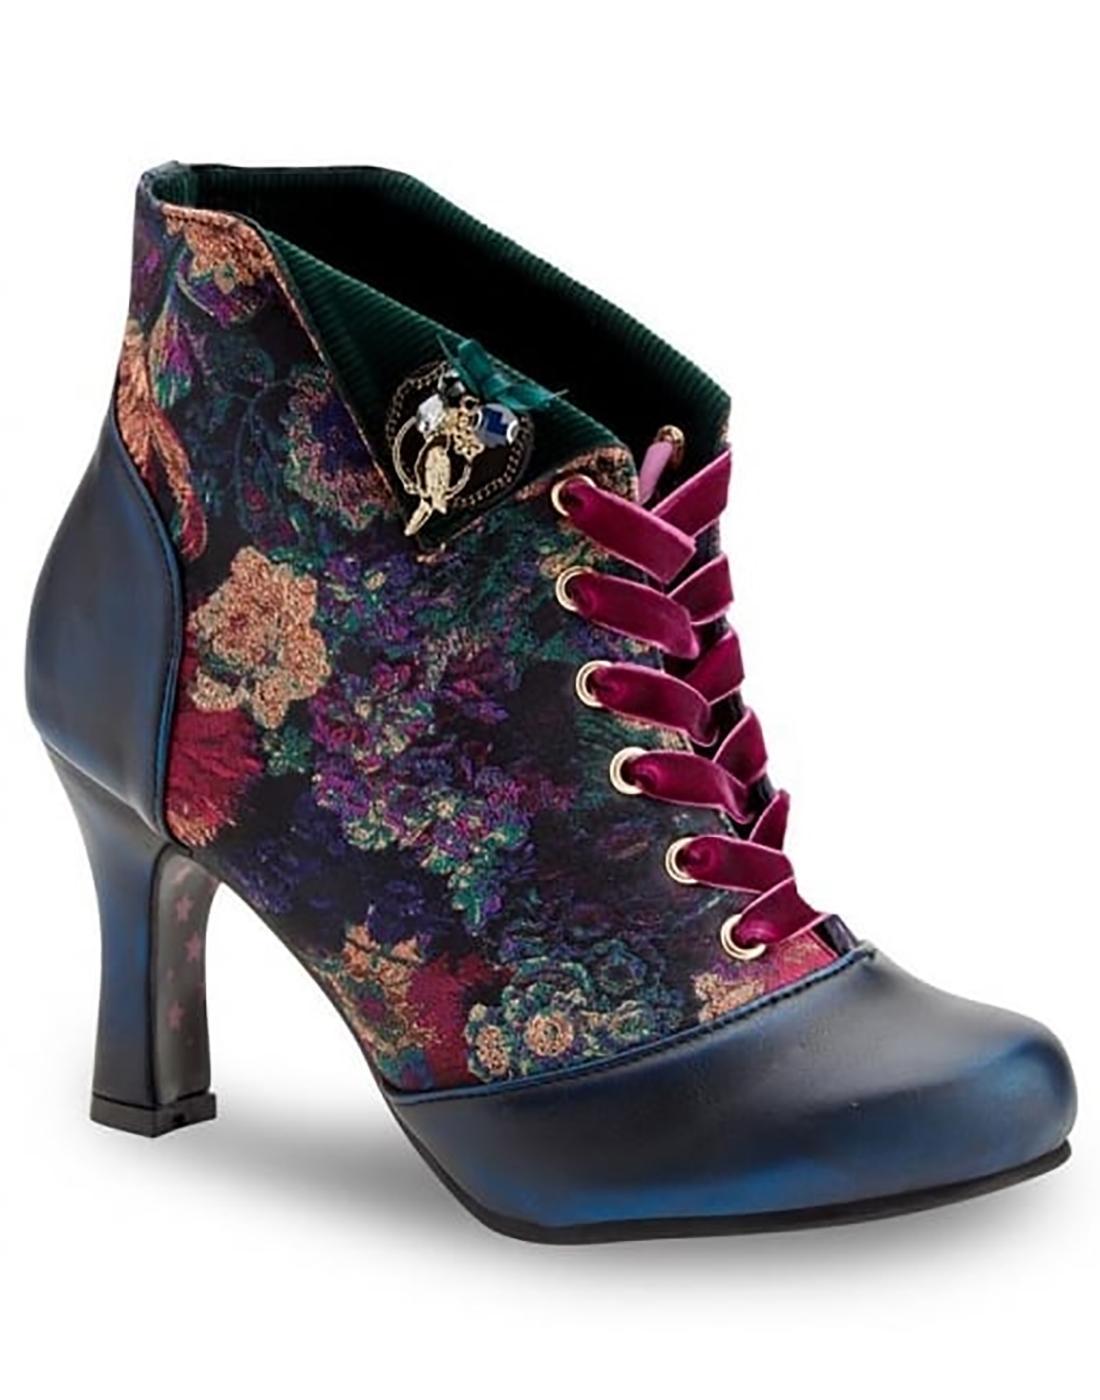 Raven JOE BROWNS Vintage Floral Heeled Boots Blue